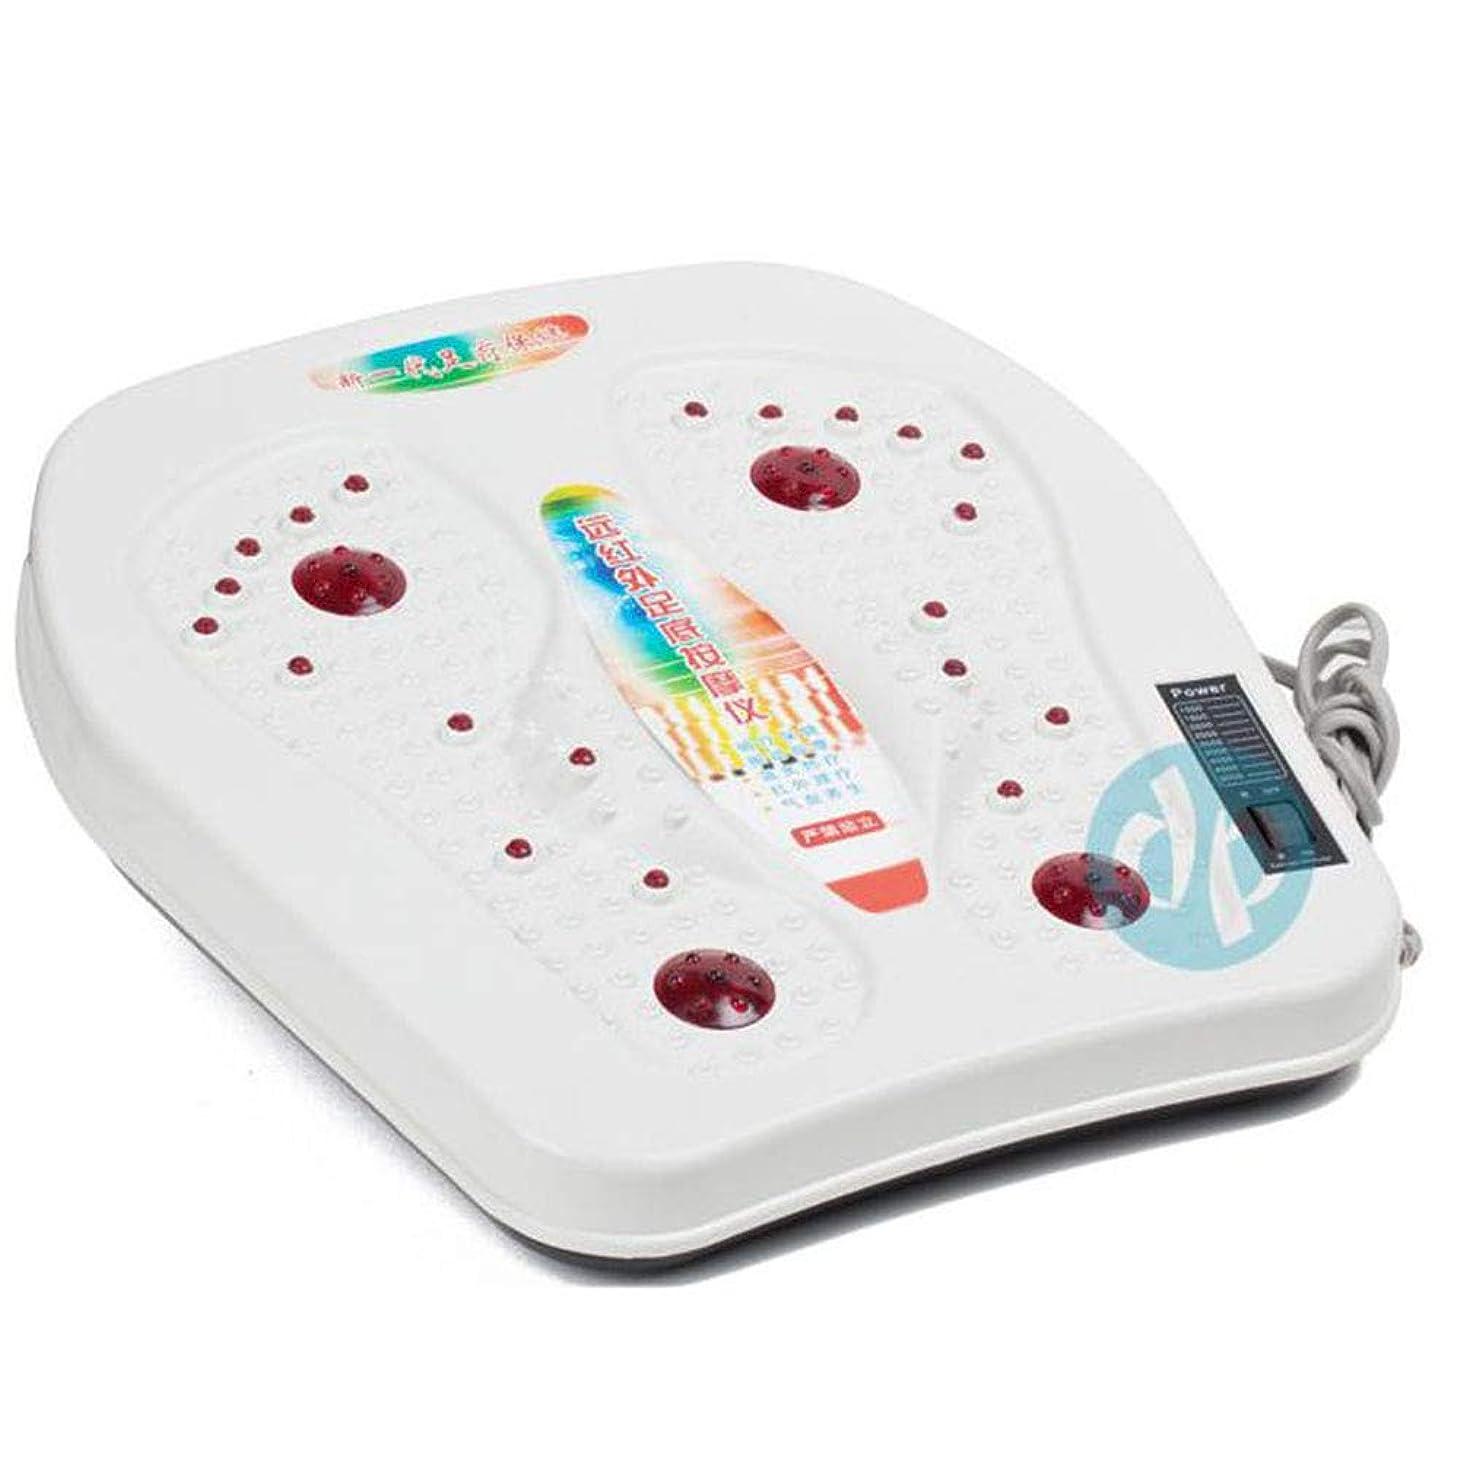 雪だるまを作る象メーター足のマッサージ機、足指のマッサージと家庭でのストレス解消のための電気指圧式フットマッサージャー、オフィス, white